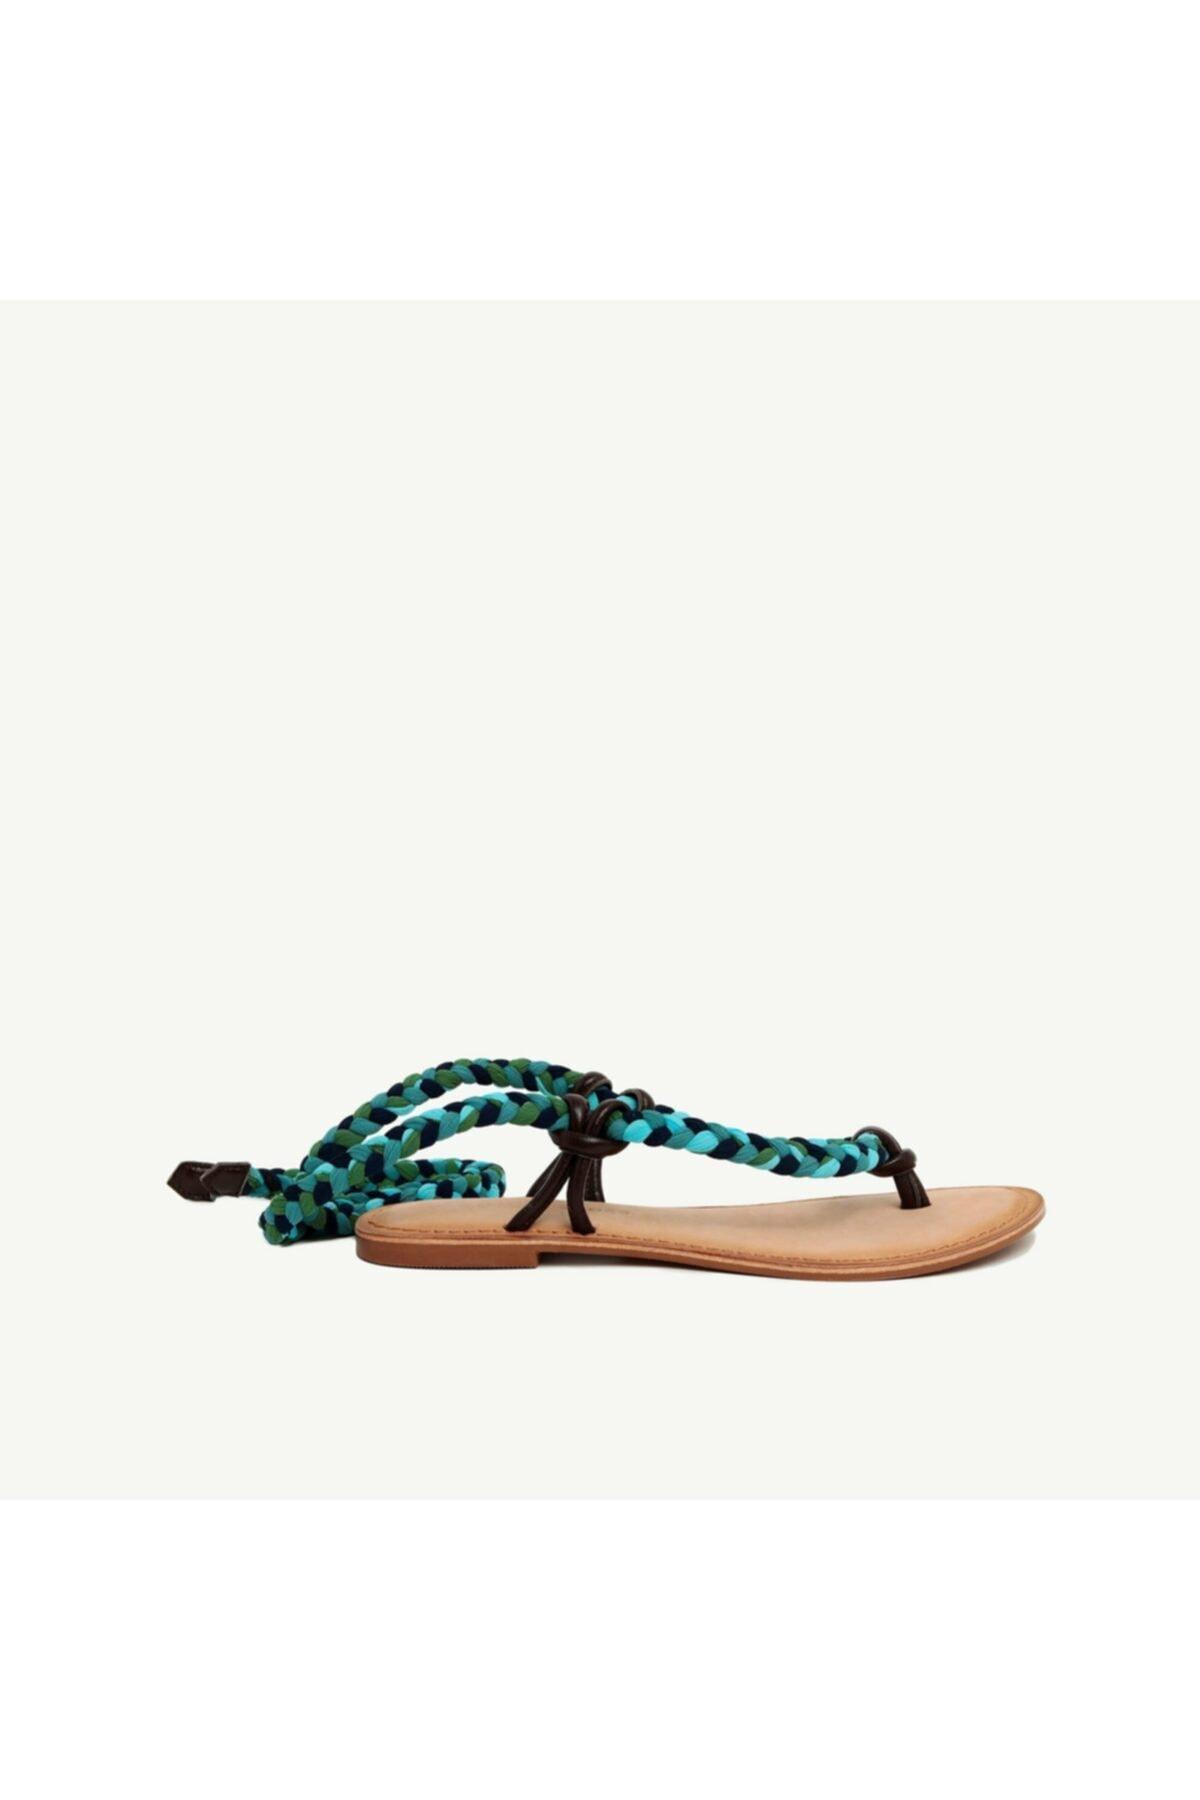 Yargıcı Kadın Çok Renkli Kumaş Bağlamalı Deri Sandalet 9YKAY4029X 1